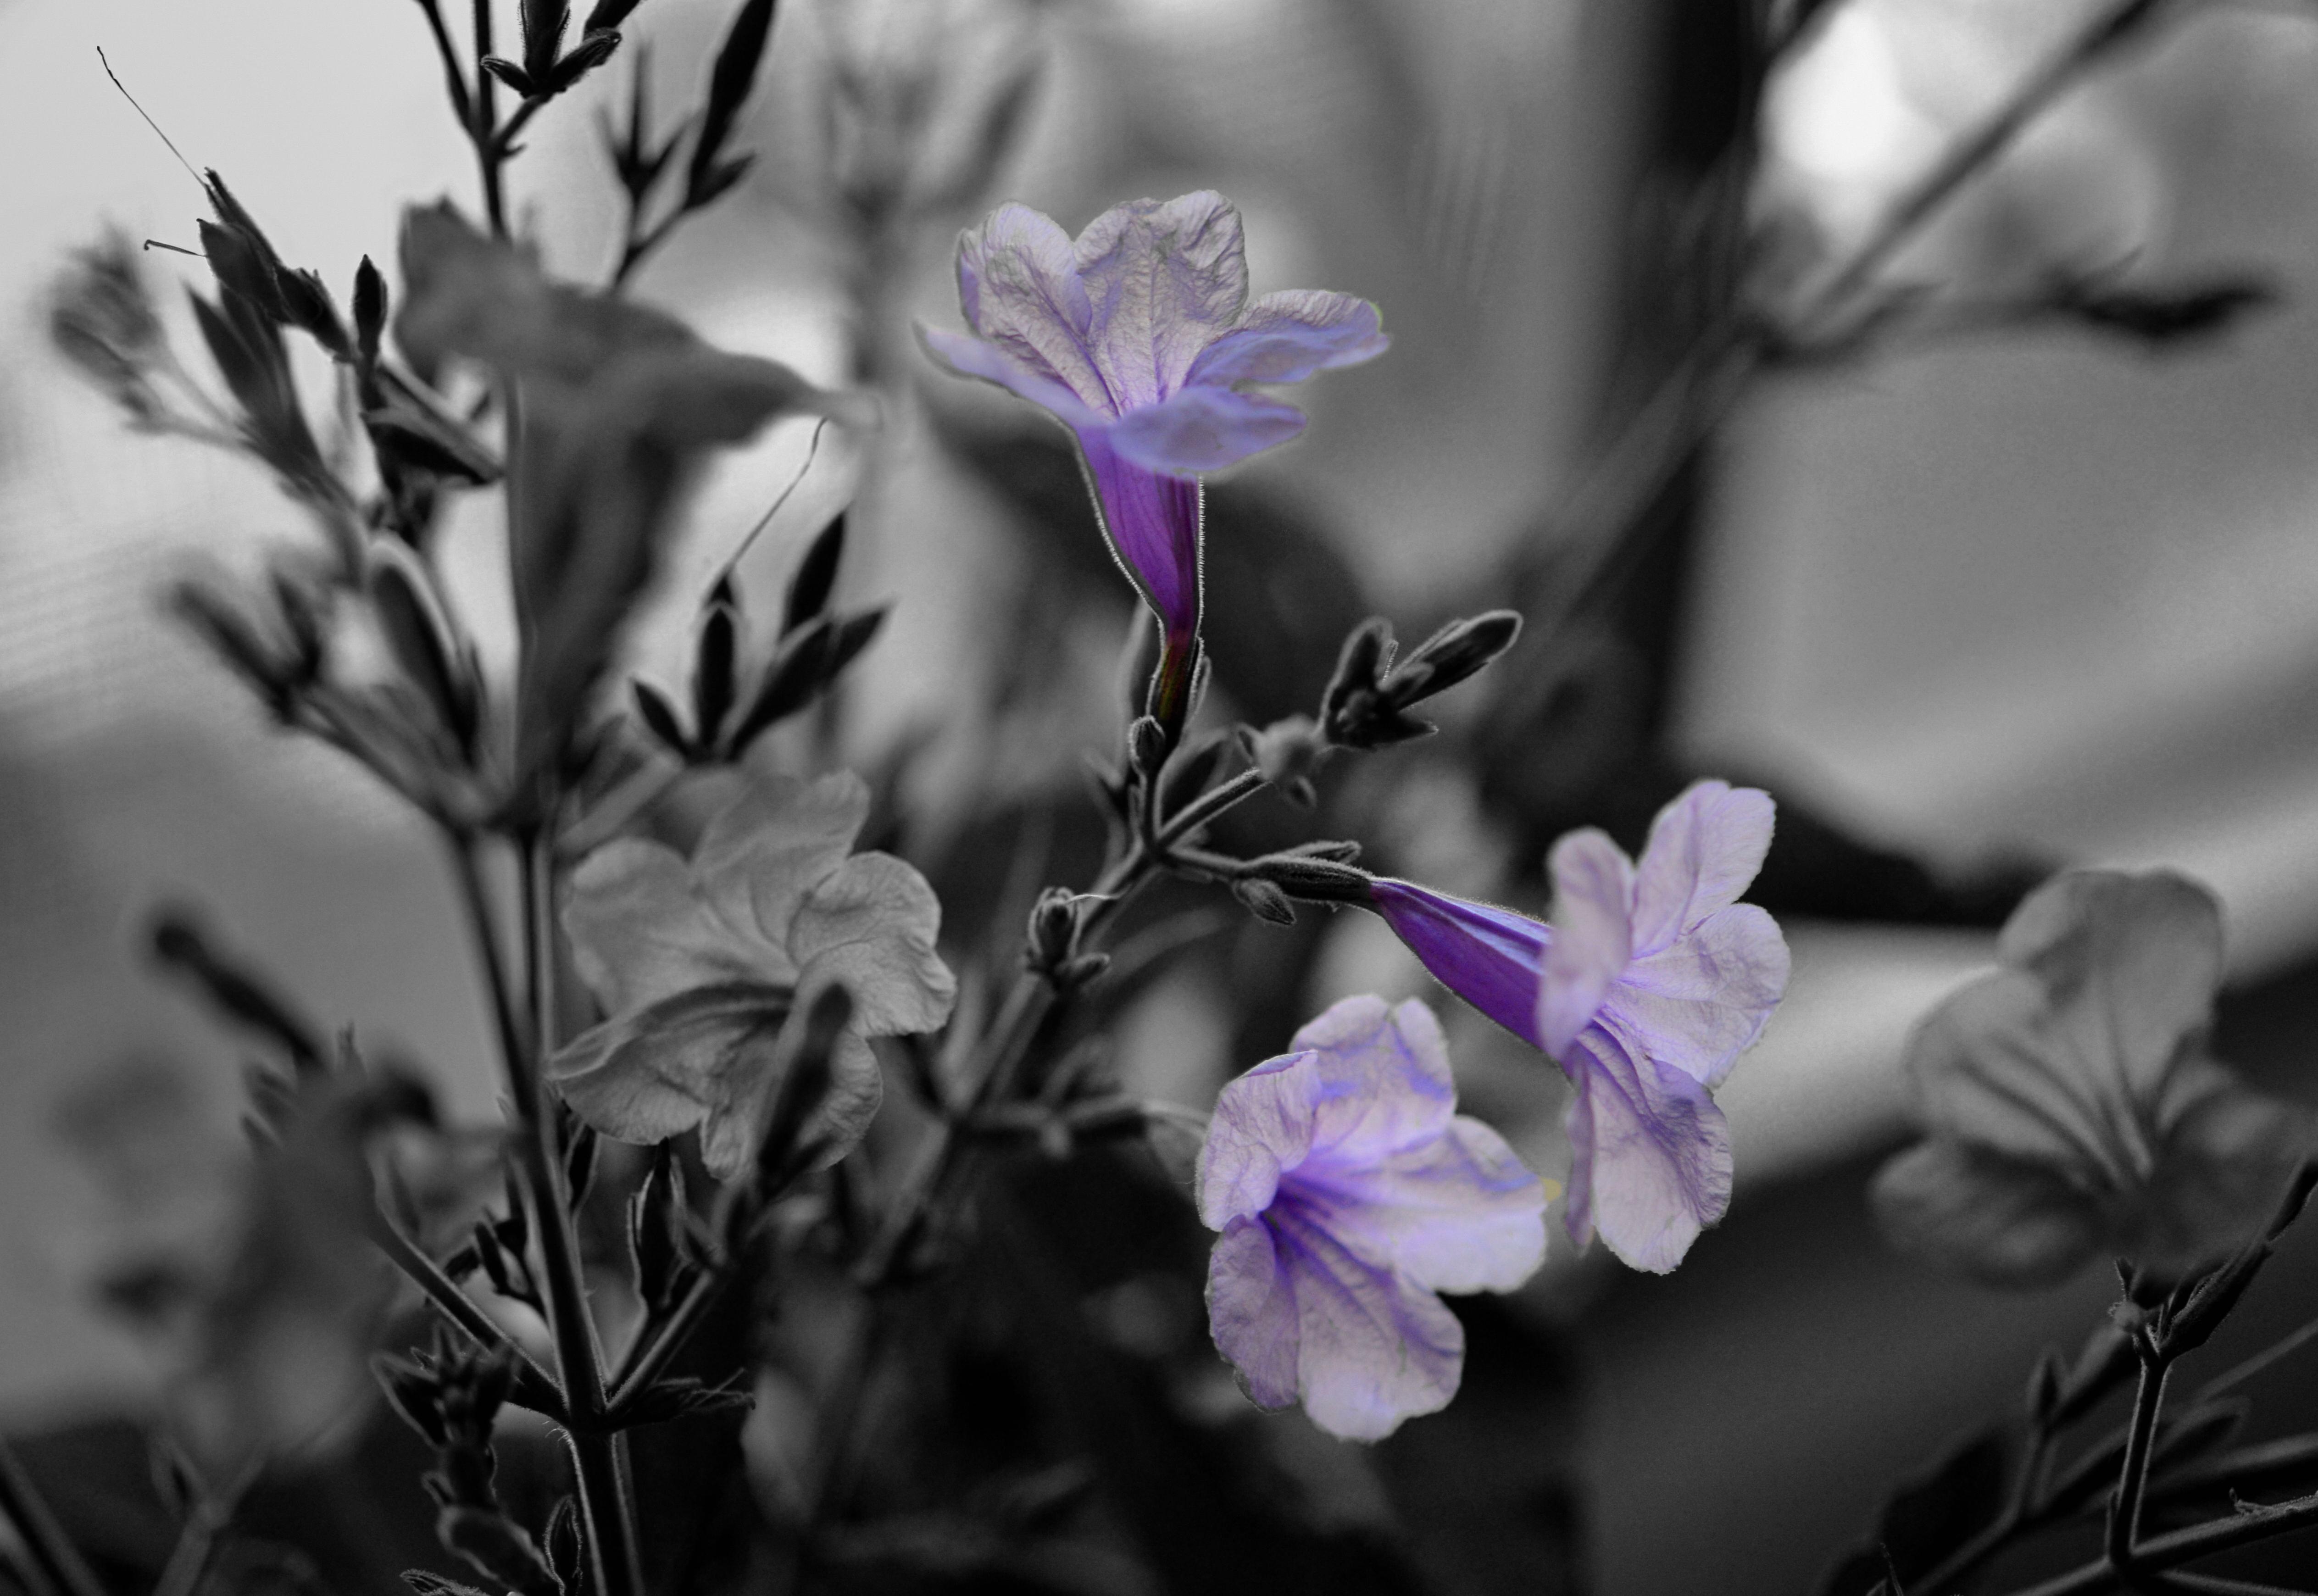 Fantasia en BN y violeta